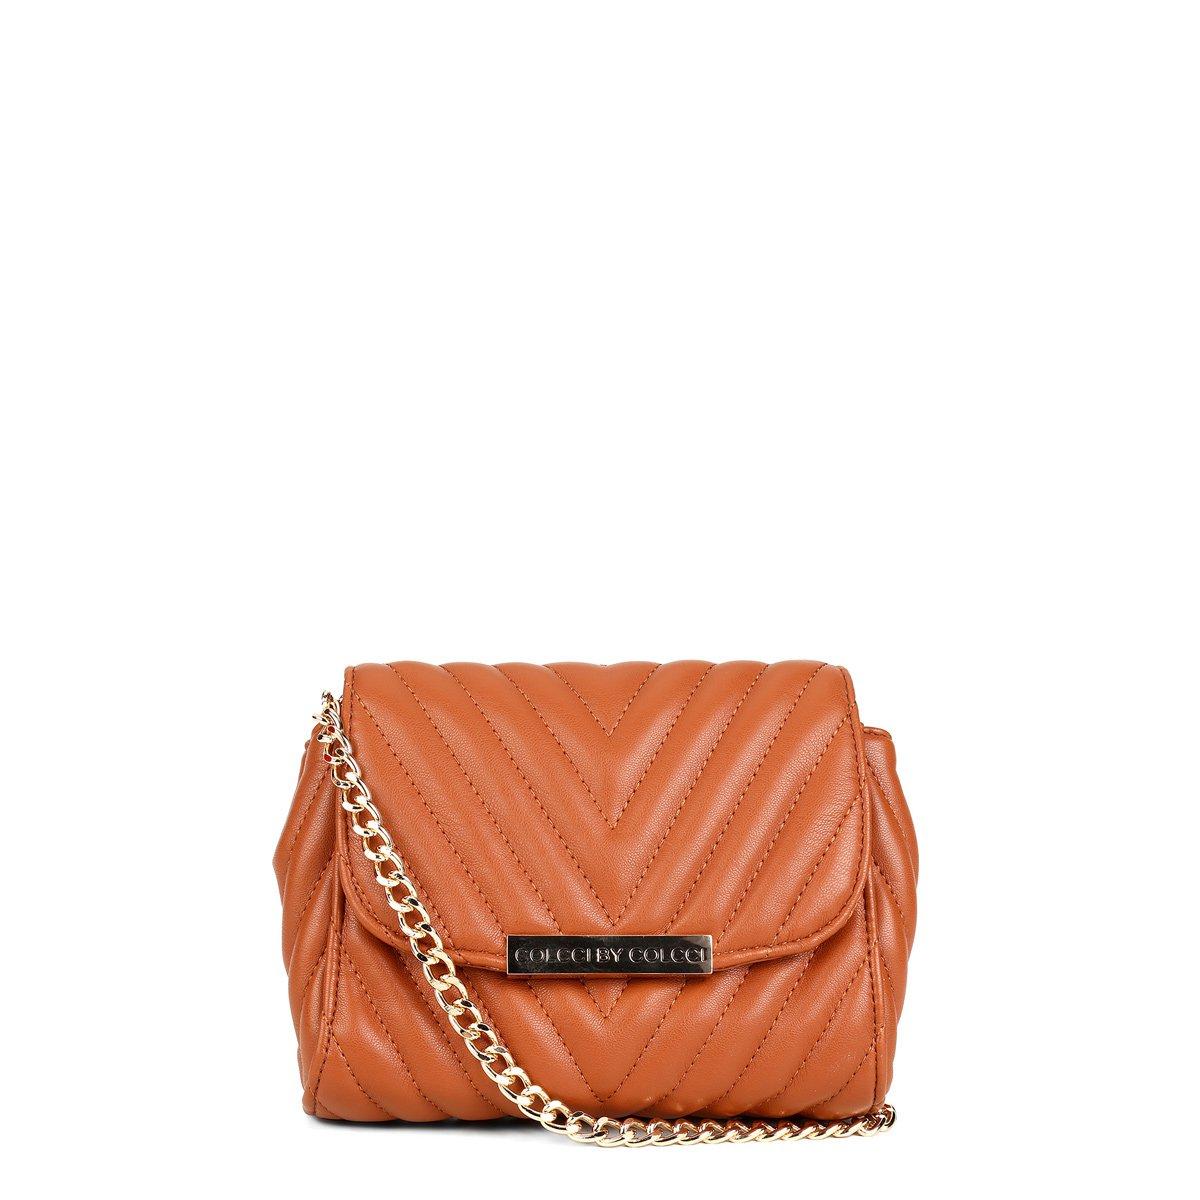 2b3953b03 Bolsa Colcci Matelasse Baguette - Compre Agora | Zattini